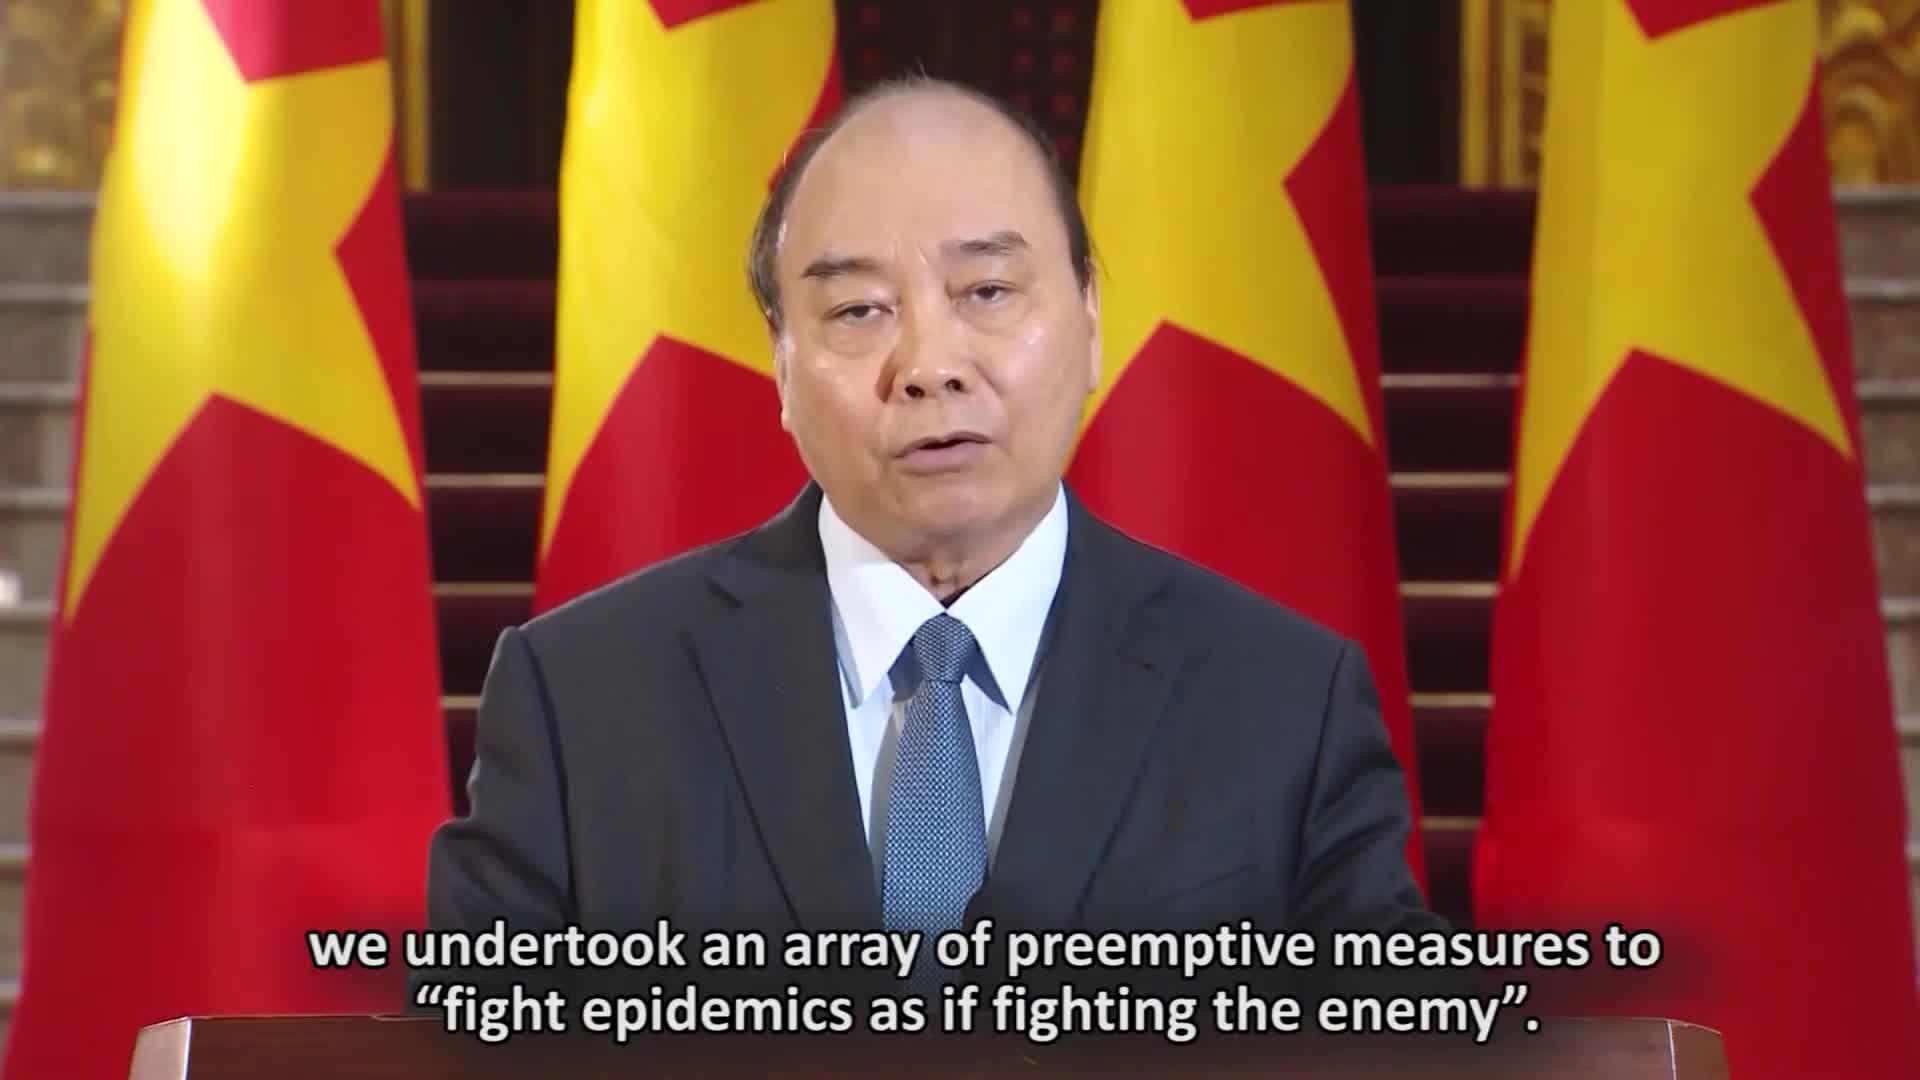 Thông điệp của Thủ tướng Chính phủ gửi Hội nghị trực tuyến của WHO